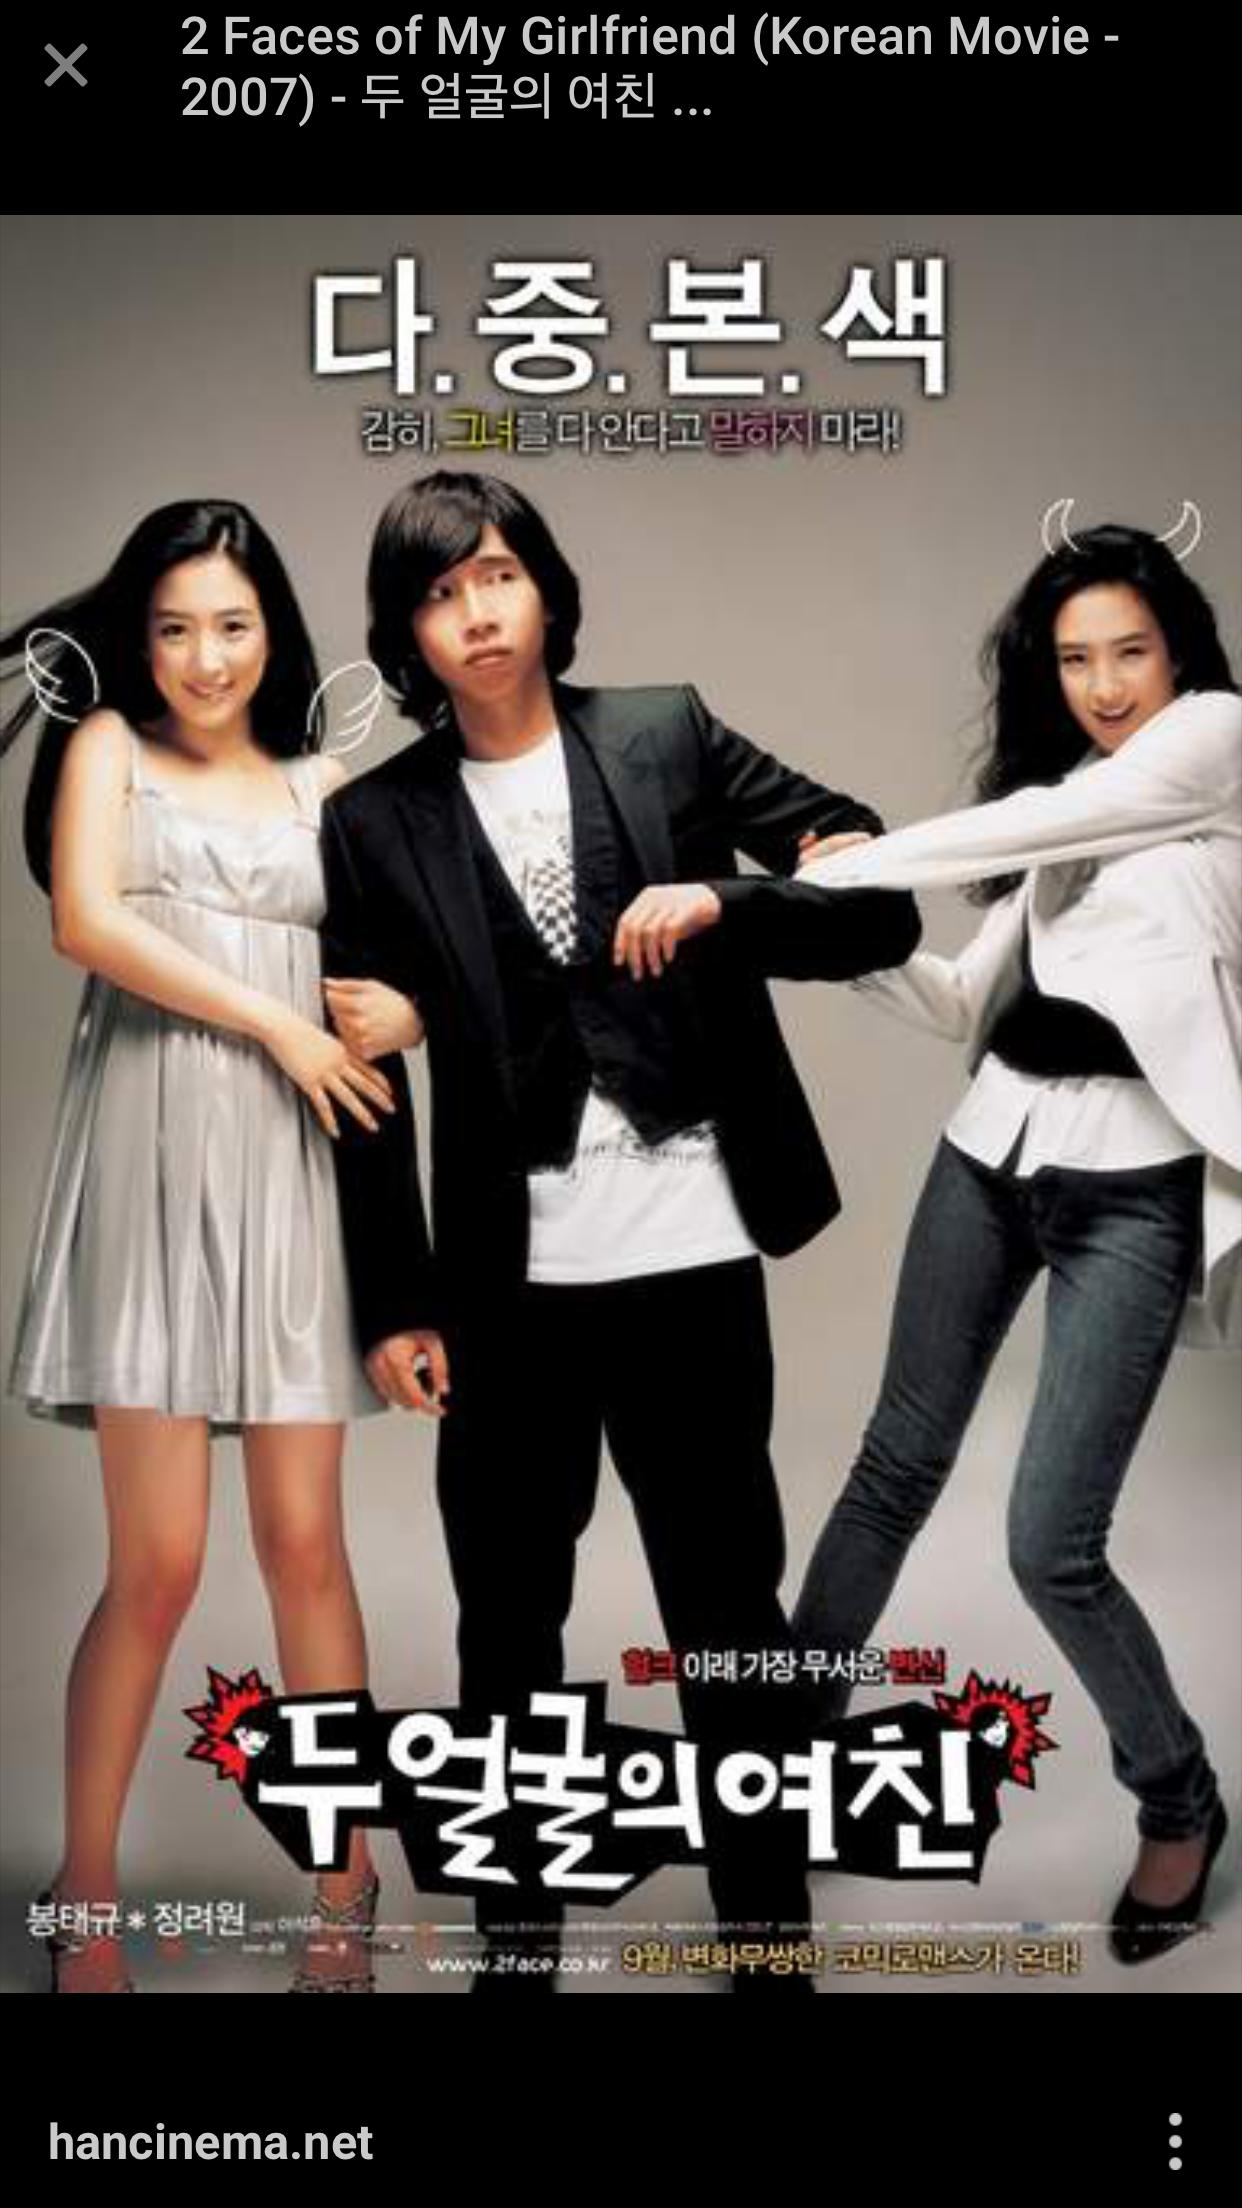 Pin By Anggi Kato On Movie Word Pinoy Movies Full Movies Online Free Movies